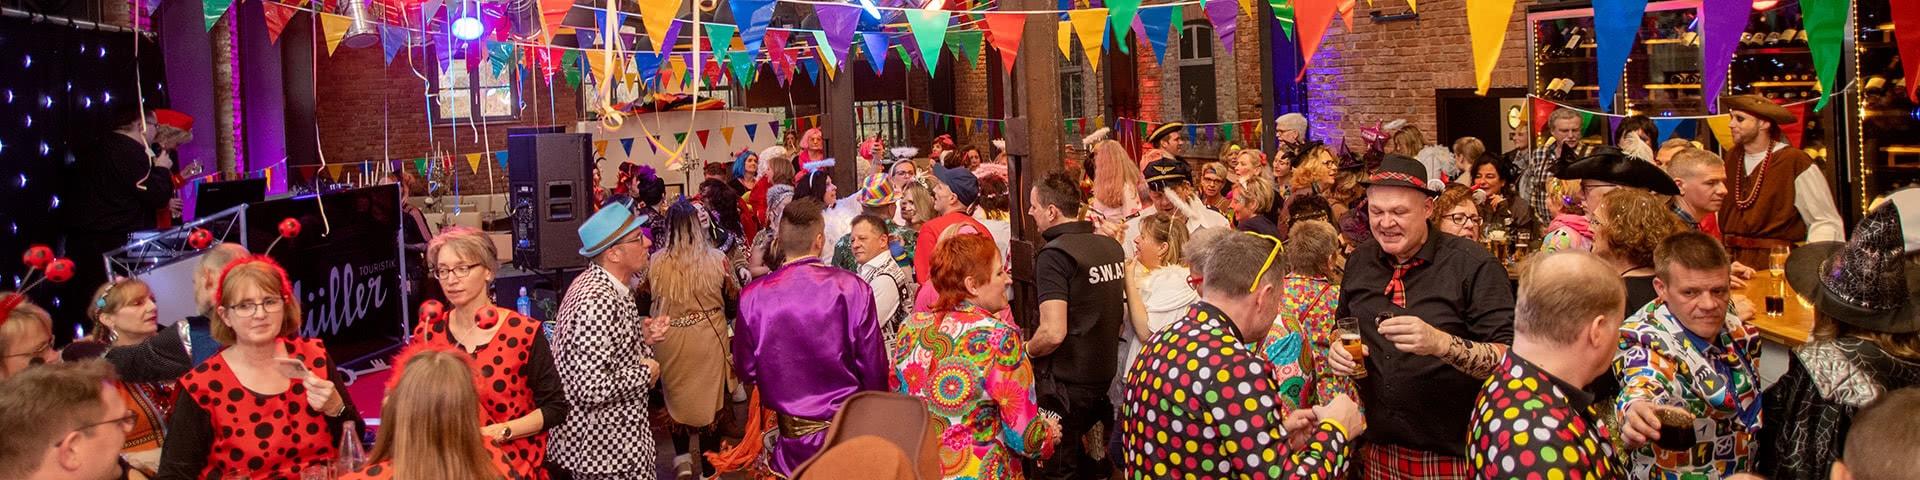 Partystimmung im Kaseinwerk auf der Altweiberparty im Beverland